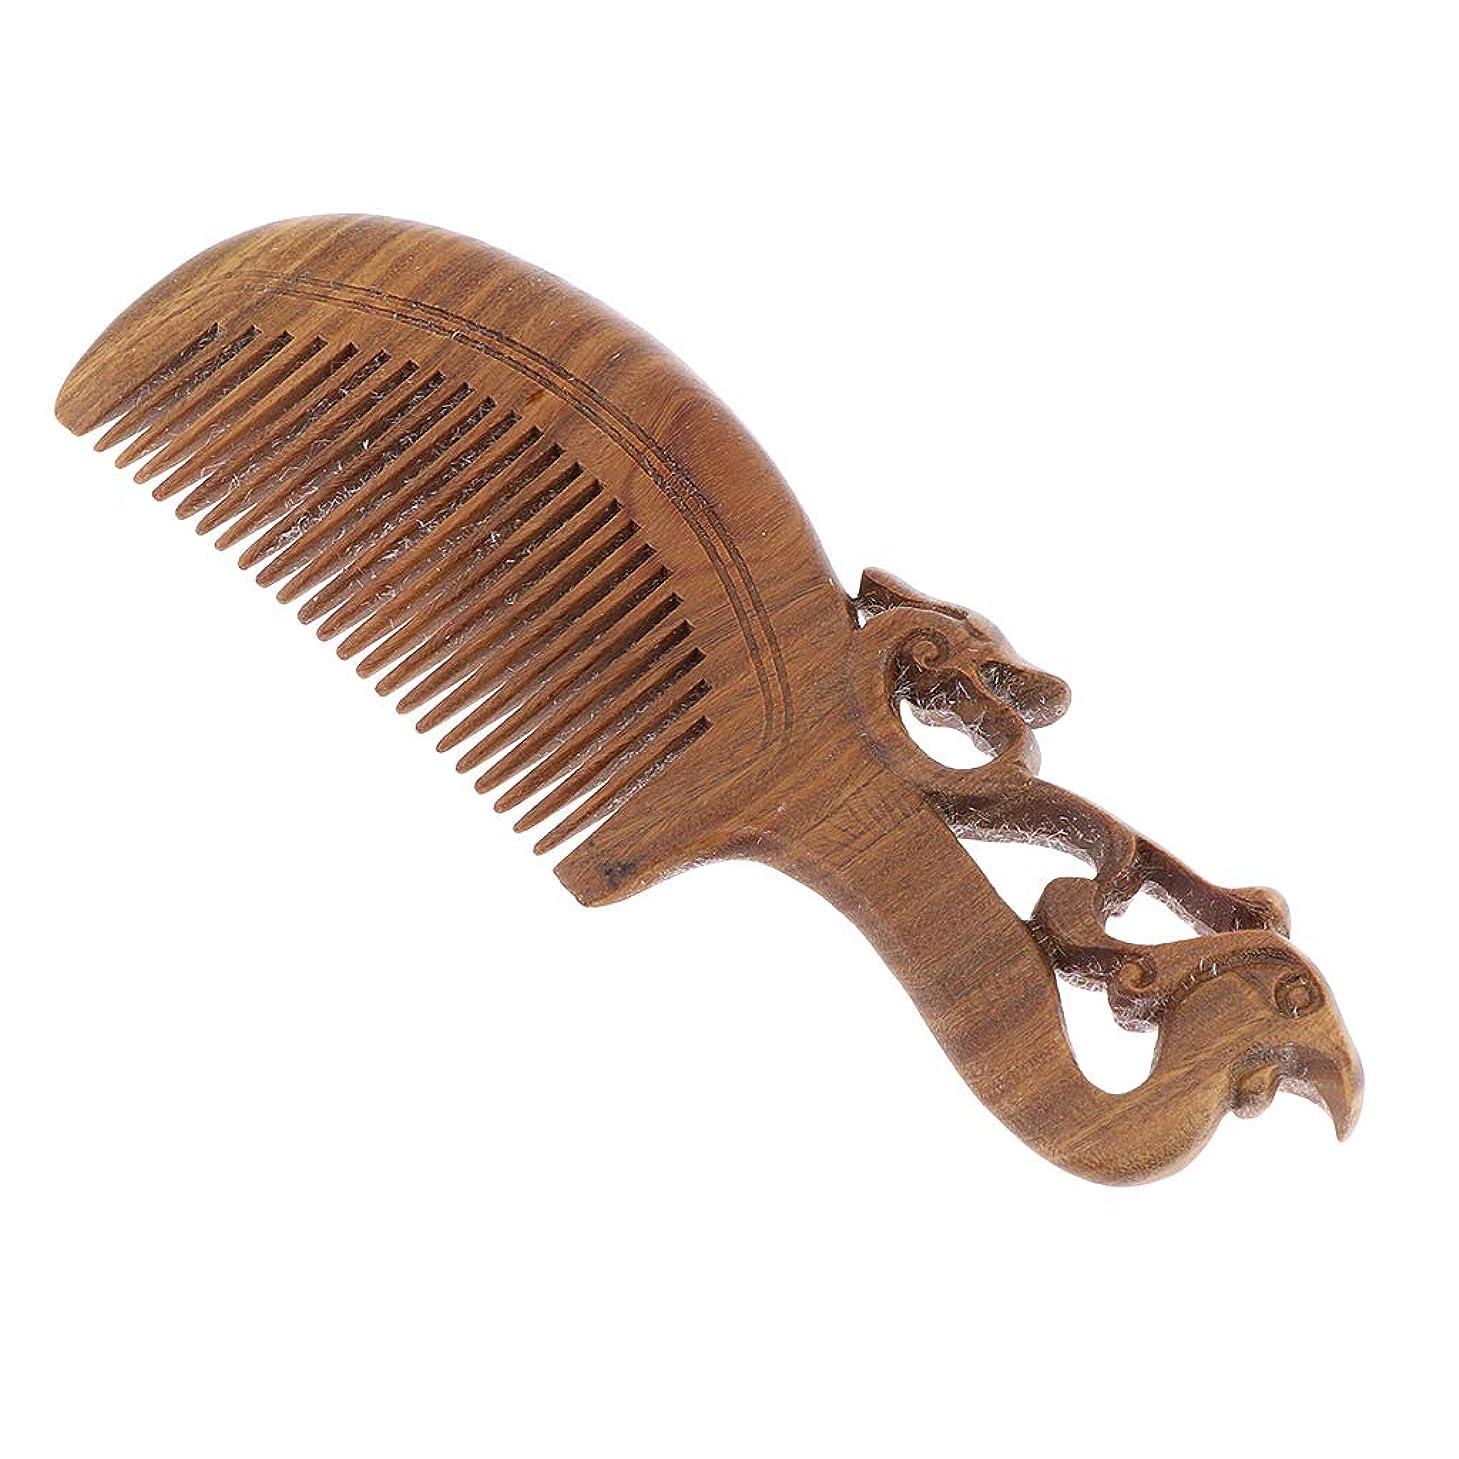 第二人里離れたそこF Fityle ウッドコーム 木製櫛 プレゼント 頭皮マッサージ レトロ 手作り 高品質 4タイプ選べ   - 17 x 5.5 x 1.2 cm